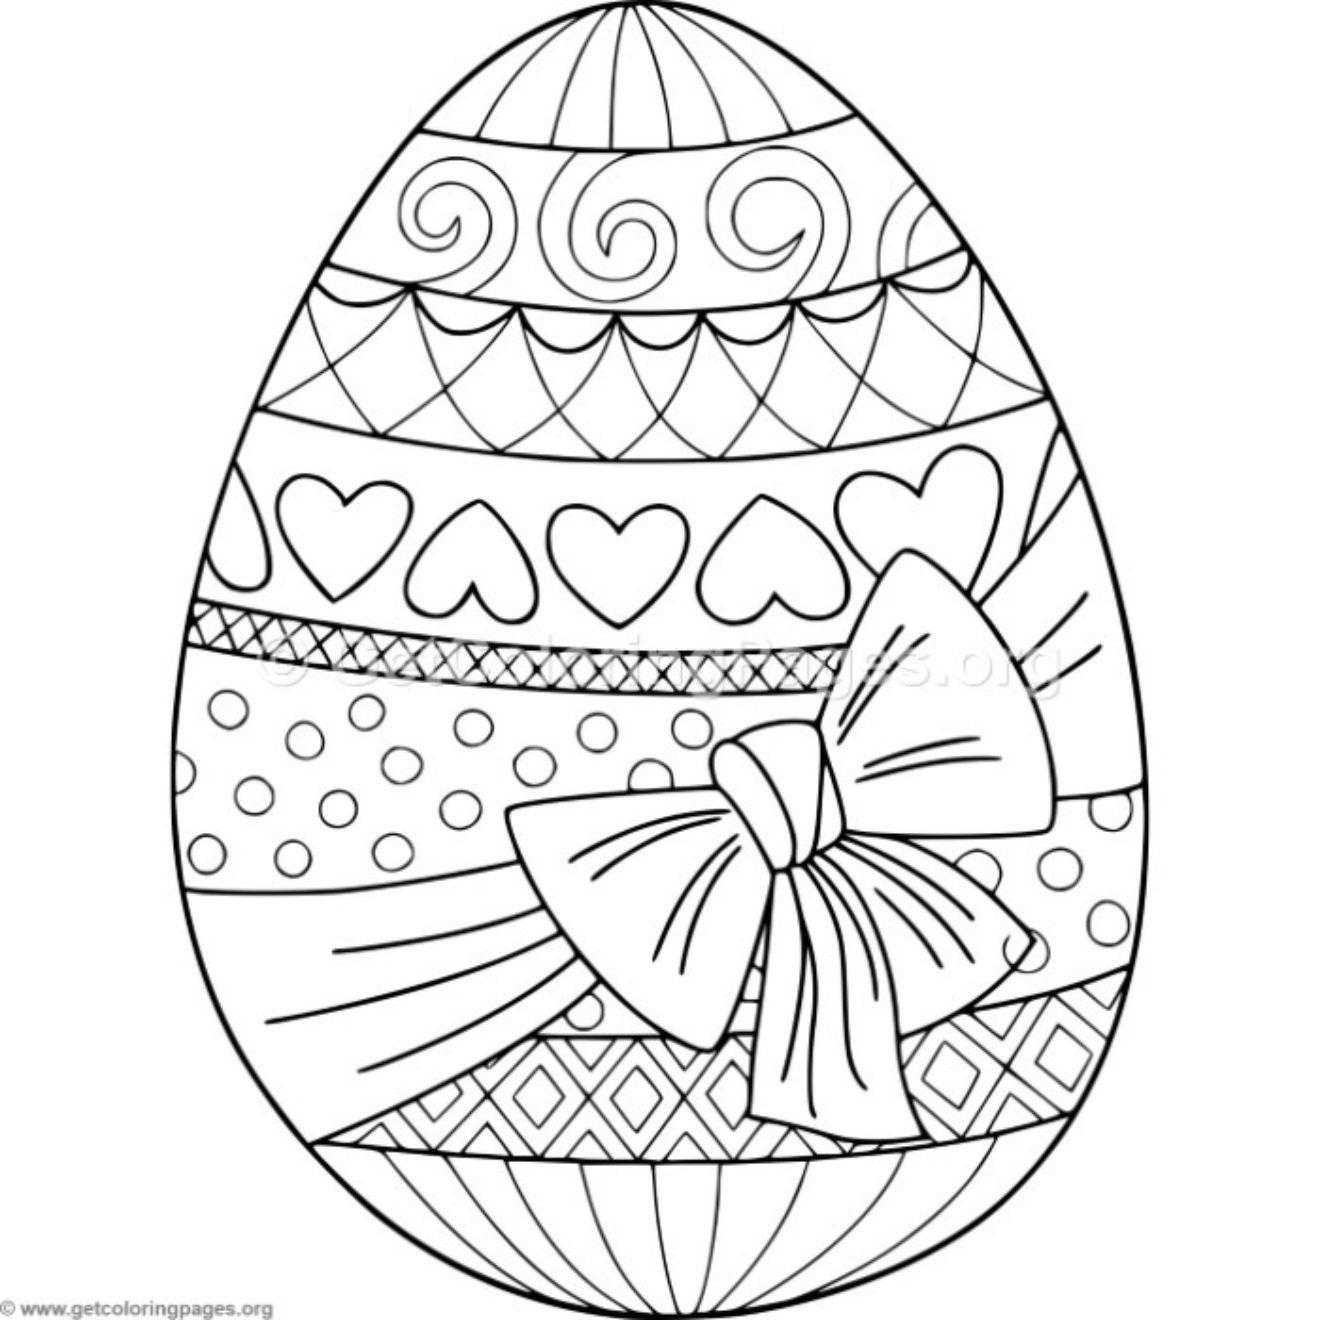 Ostern Malvorlagen - GetColoringPagesorg Malvorlagen